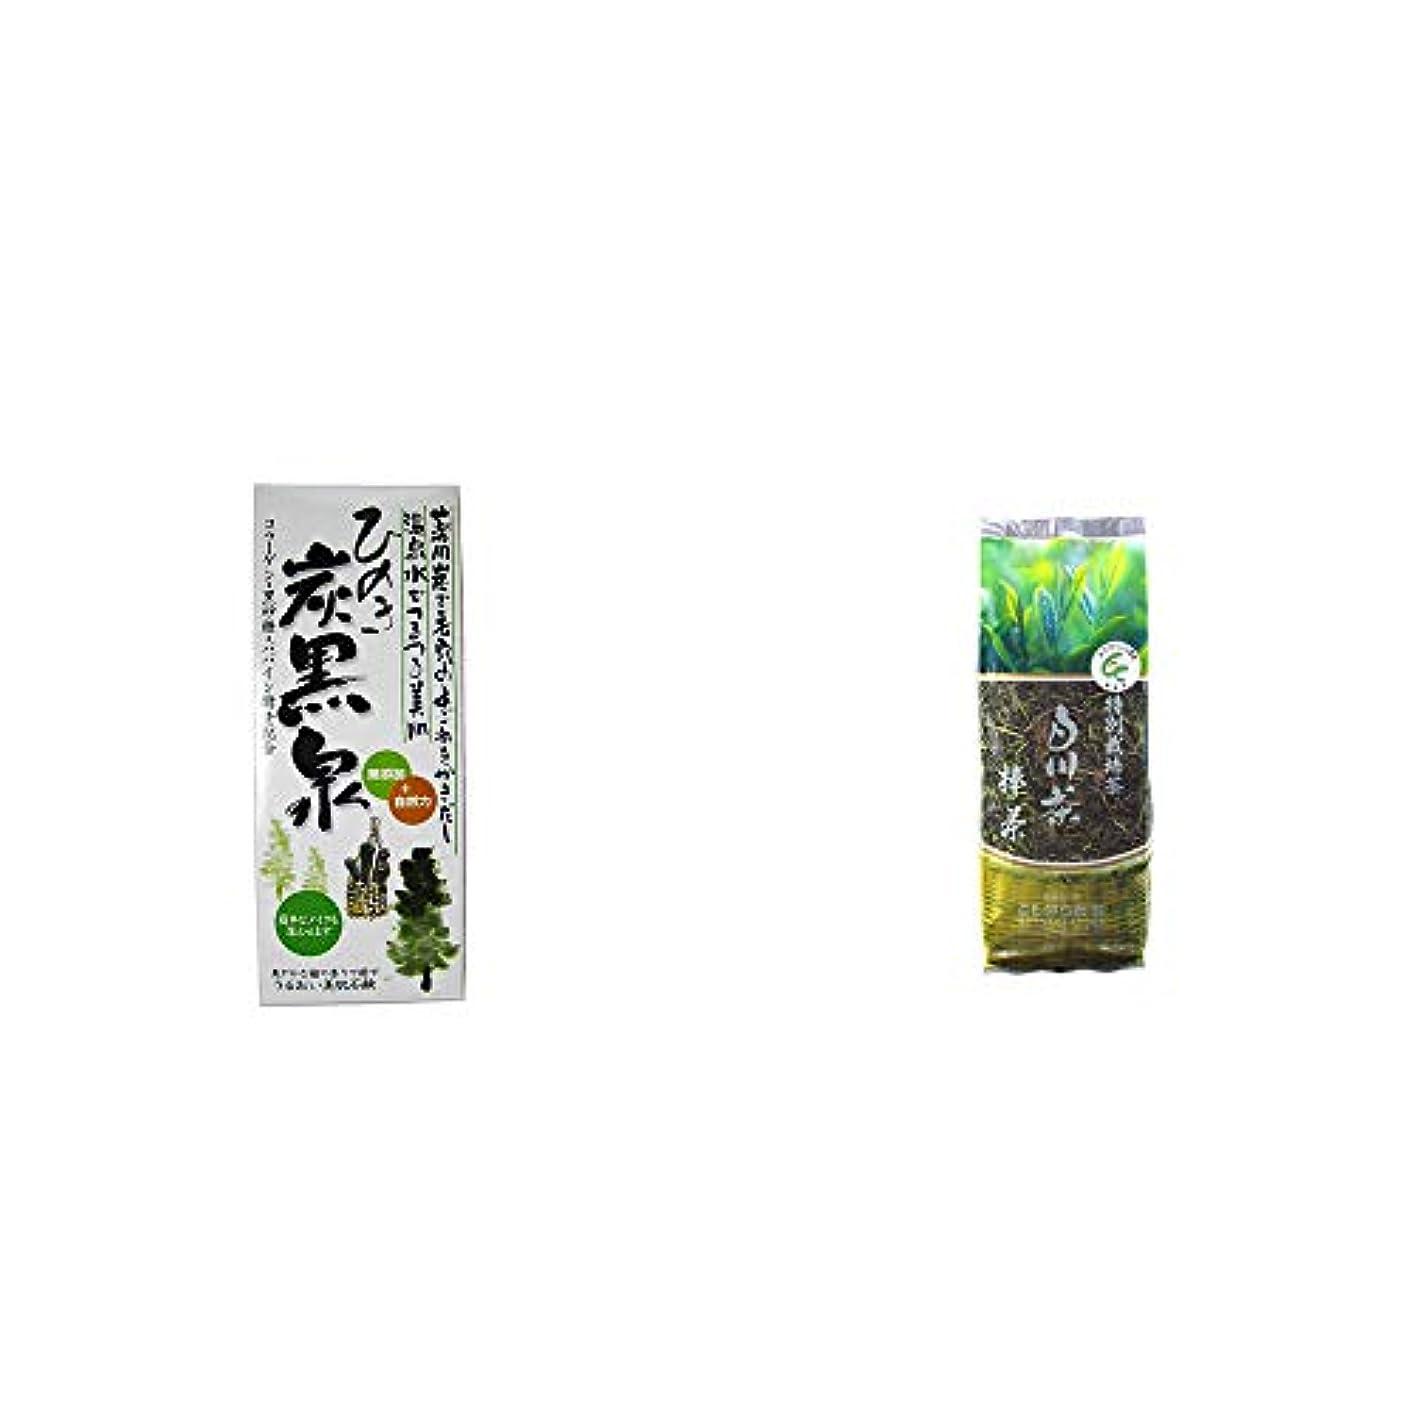 パワーセル単調な路地[2点セット] ひのき炭黒泉 箱入り(75g×3)?白川茶 特別栽培茶【棒茶】(150g)